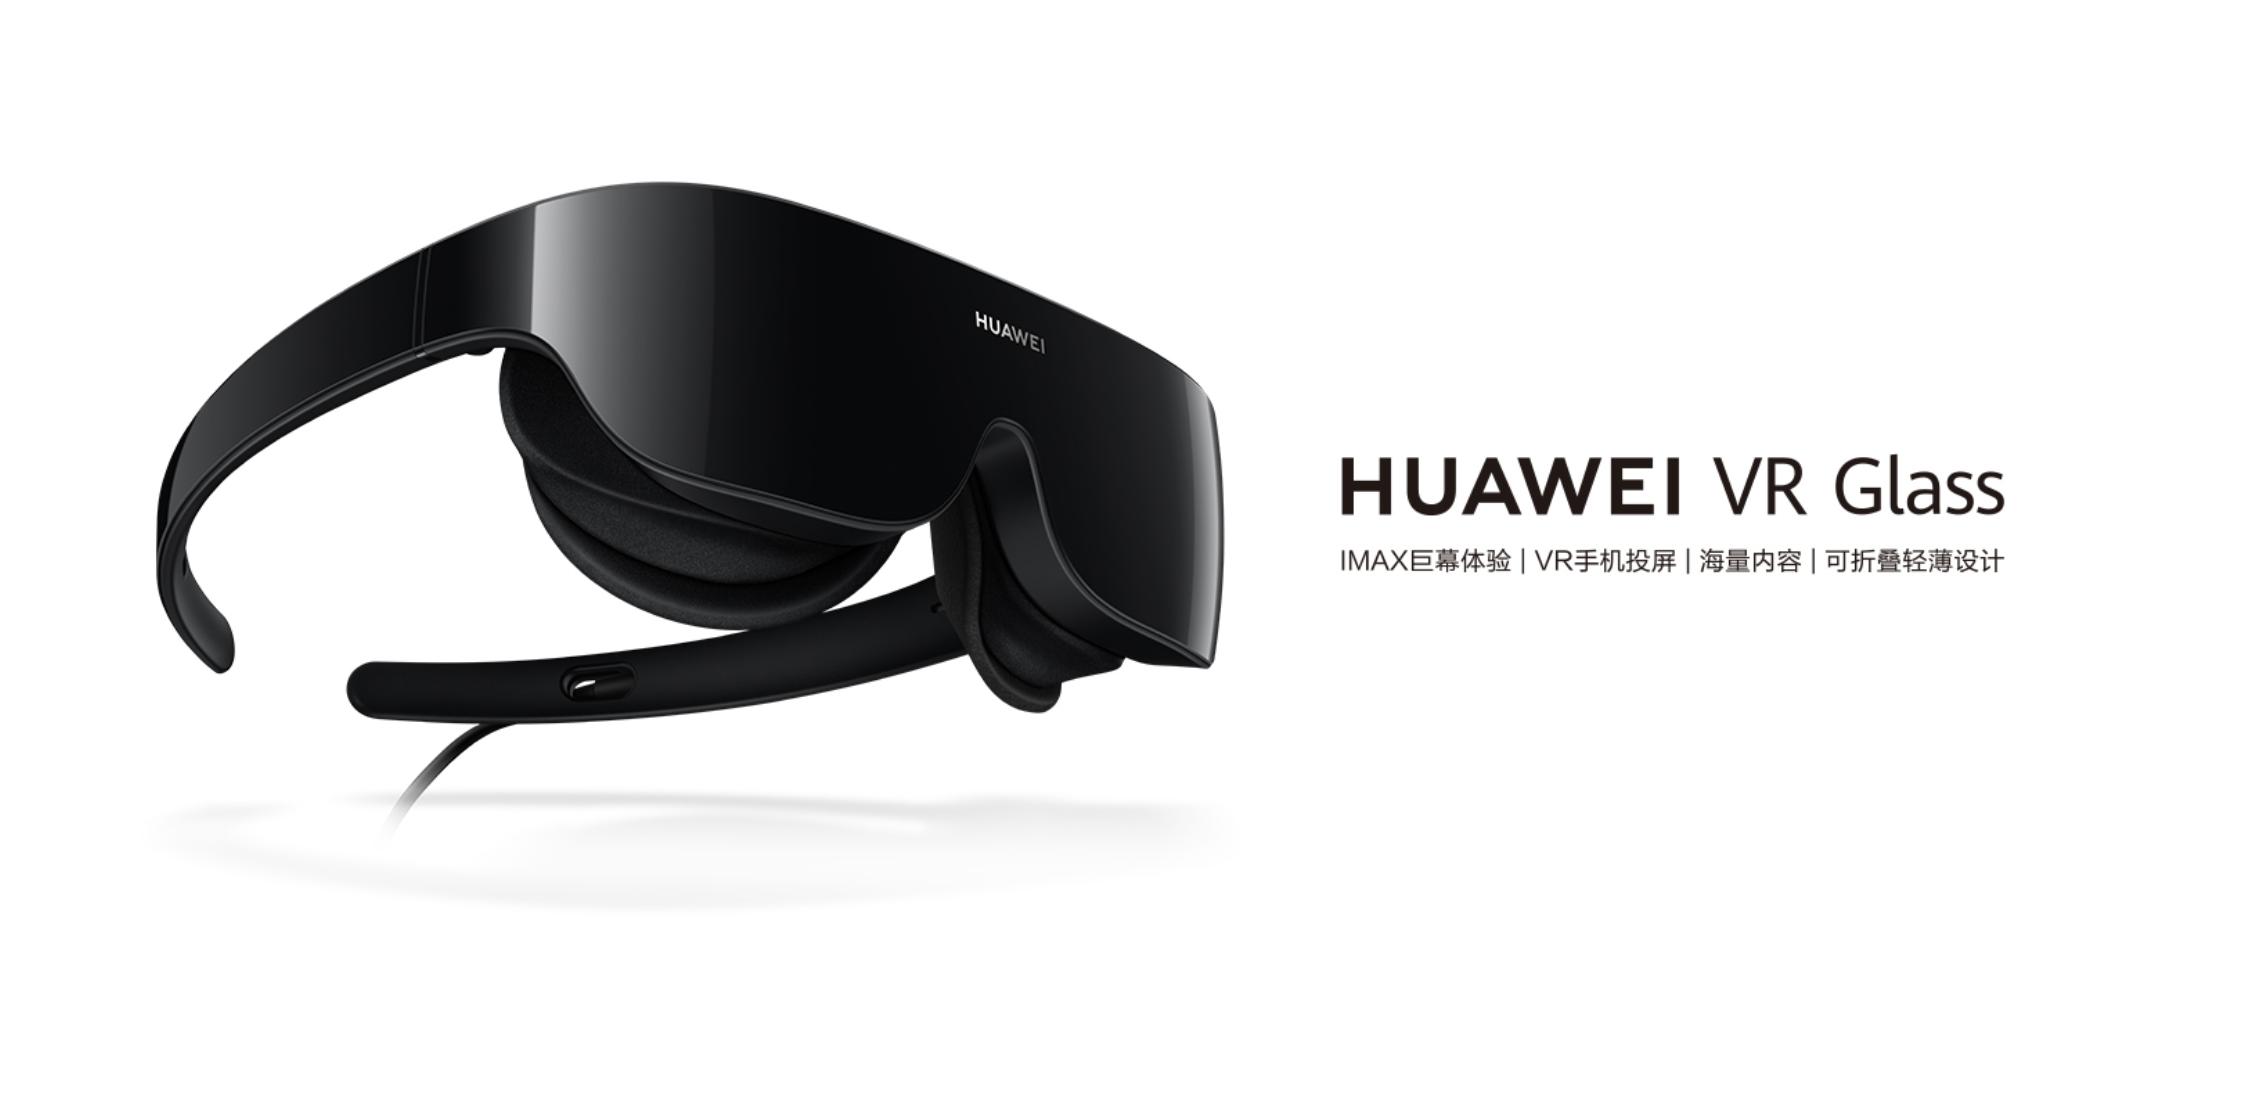 华为VR/AR产品线总裁:华为VR GLASS停产纯属谣言